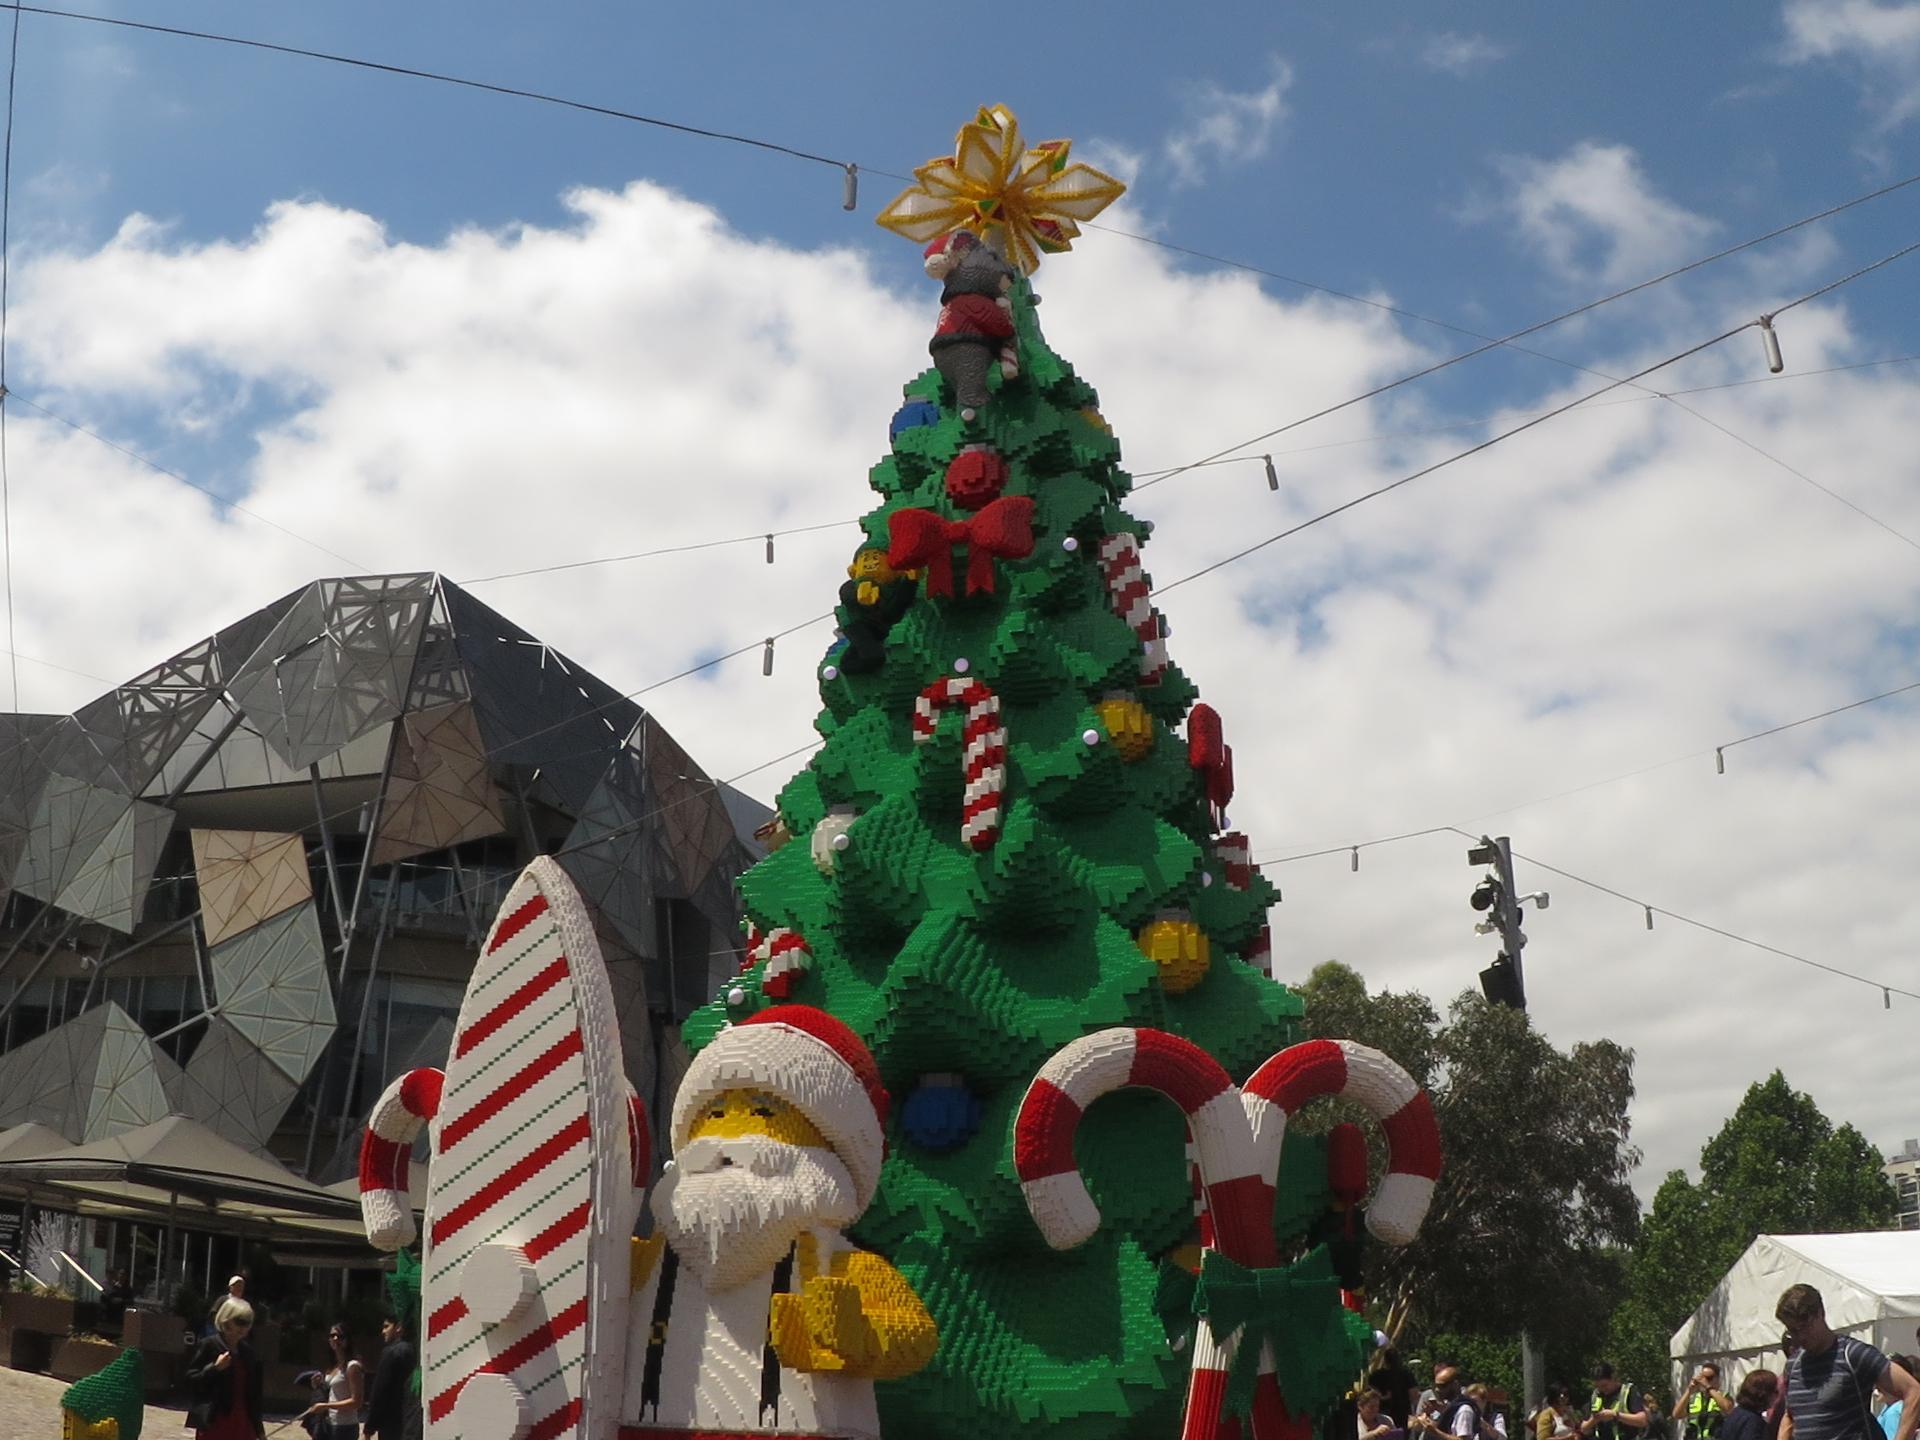 Lego Christmas Tree ©Erin Leeder